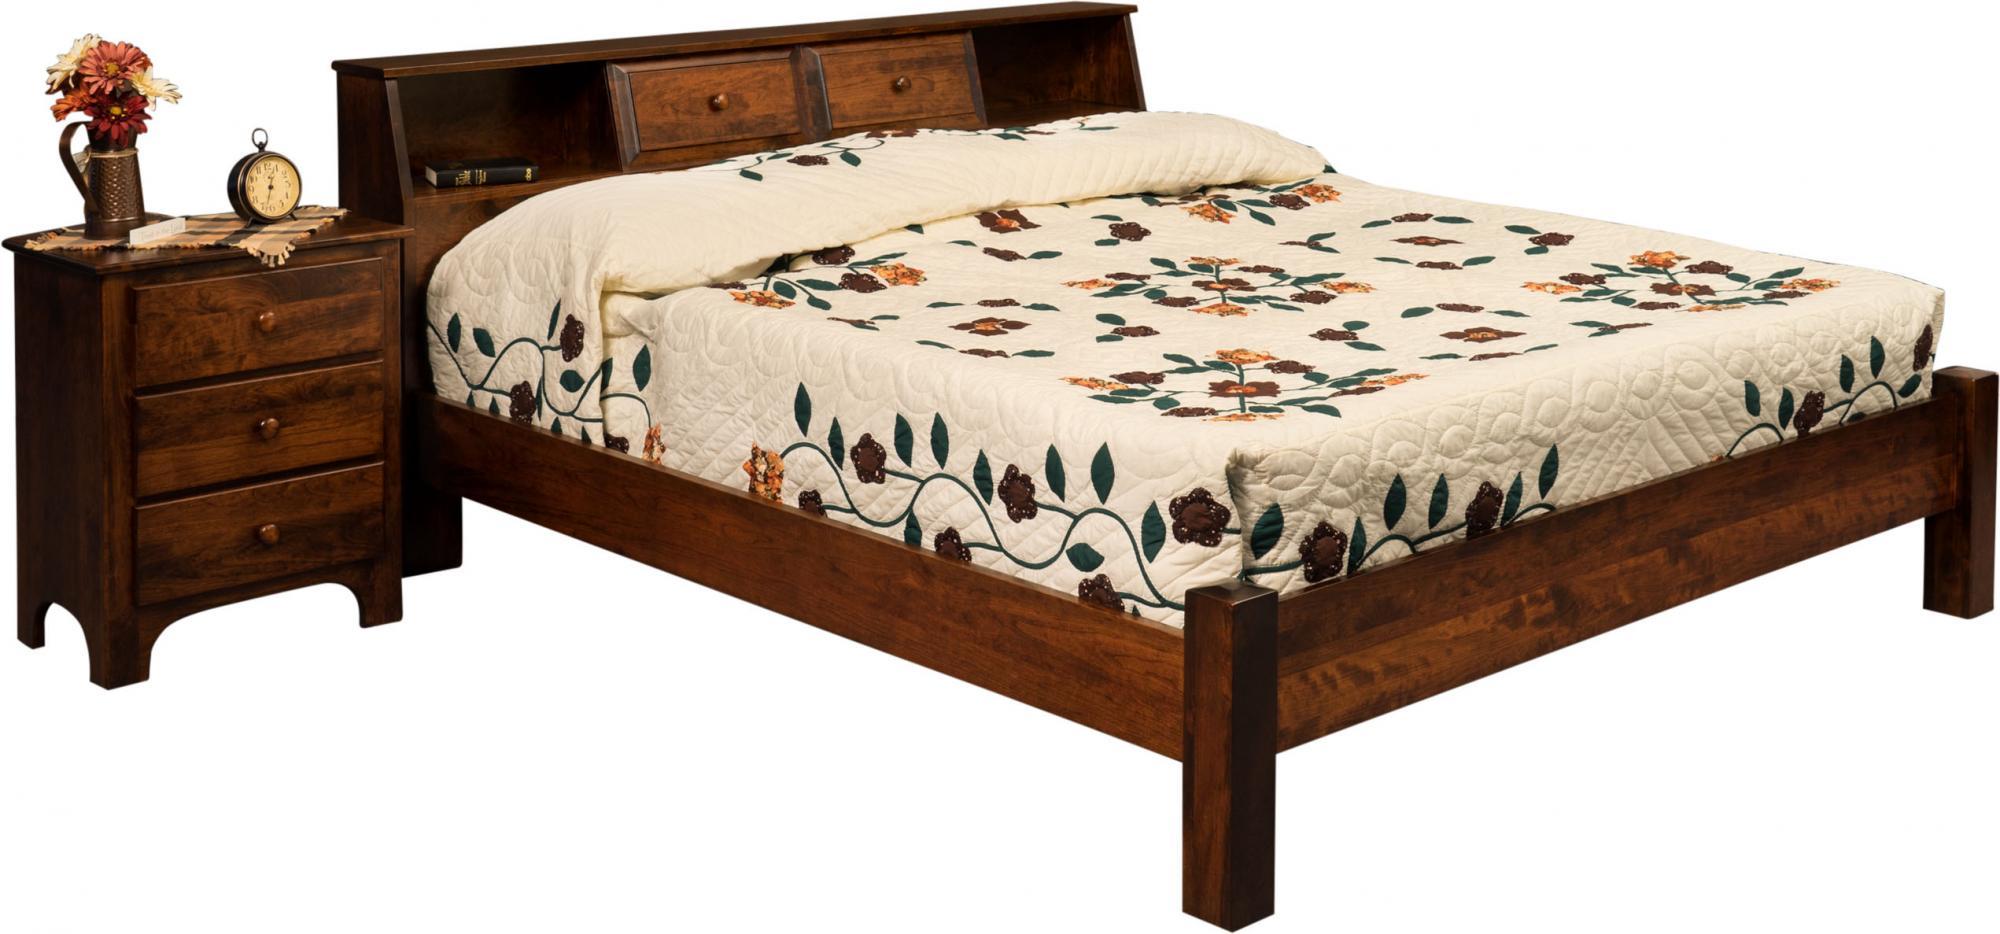 Bookcase Bed Amish Furniture Store Mankato MN